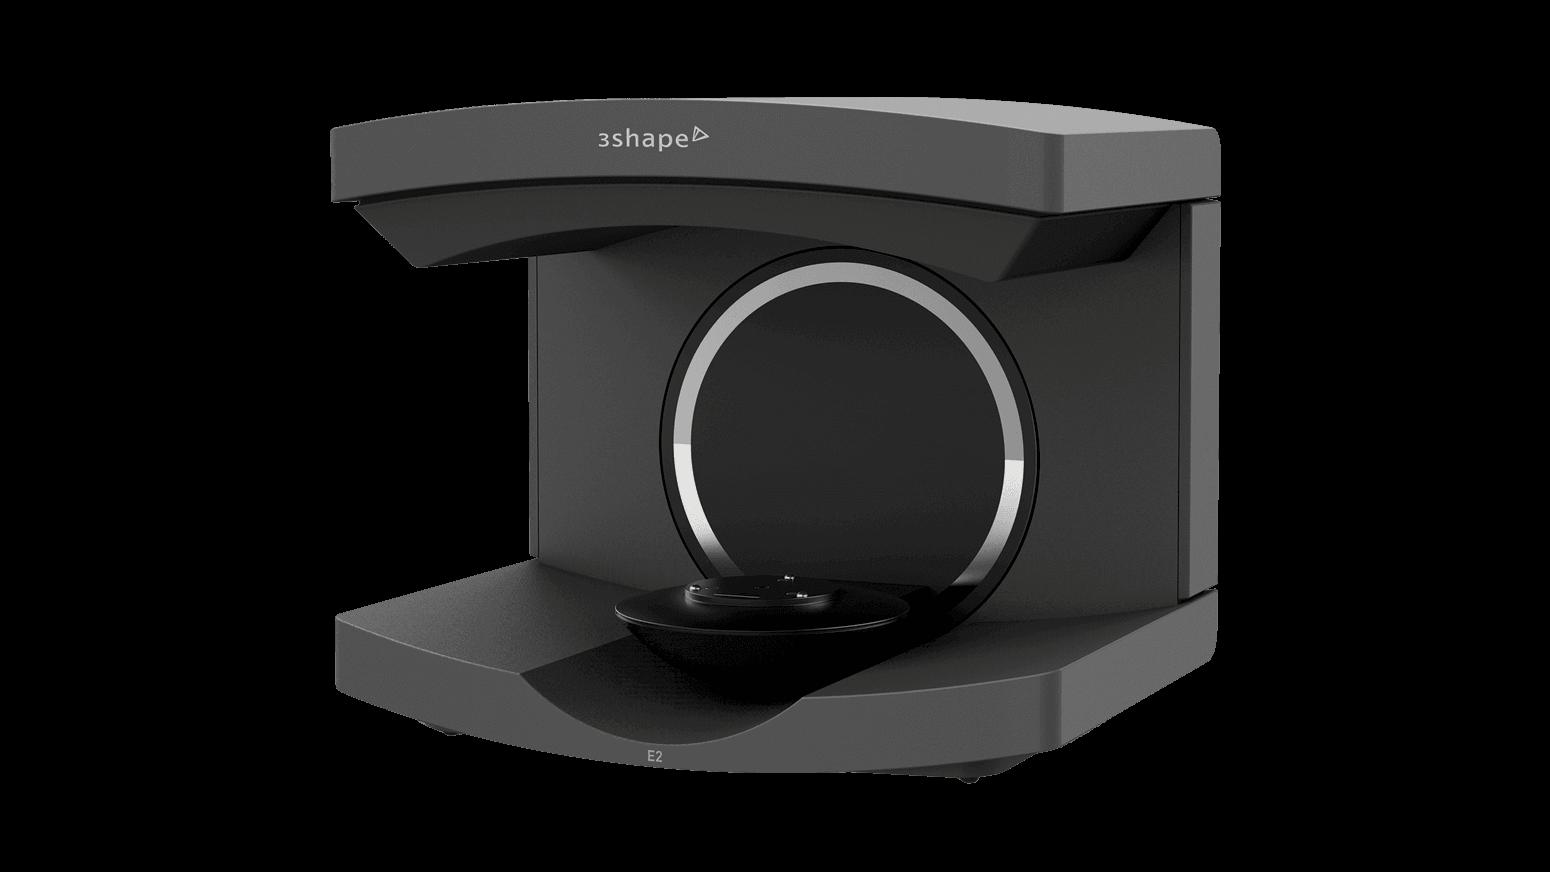 E2 3Shape - 3D scanners